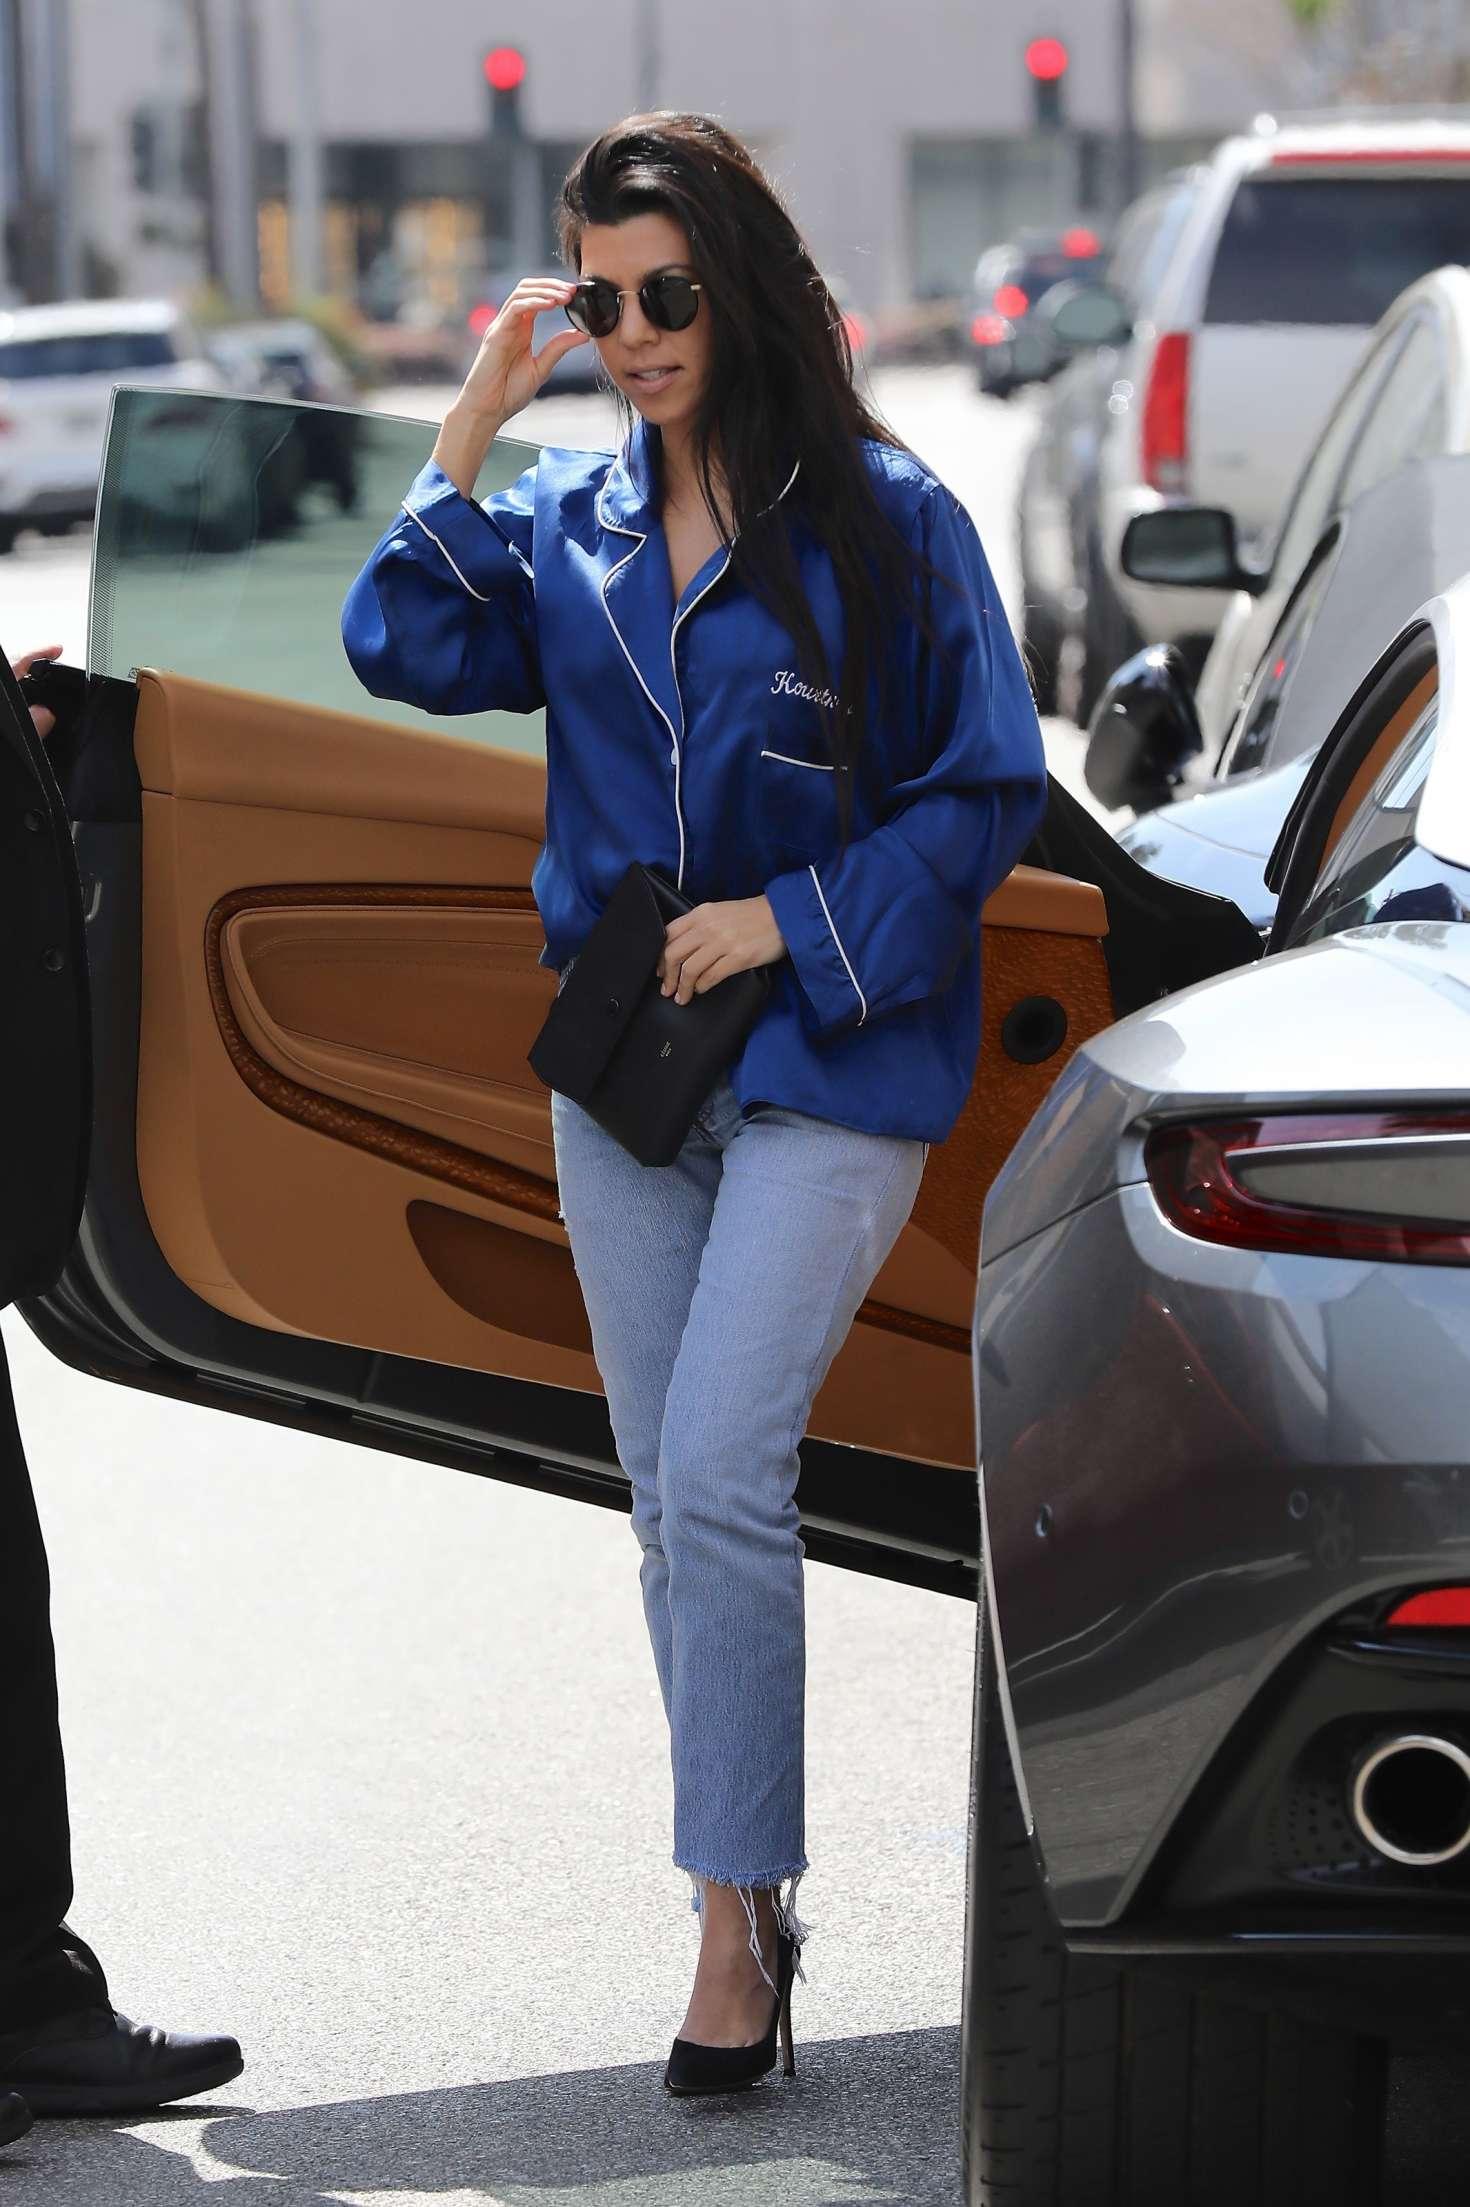 kourtney kardashian in jeans -11 – gotceleb